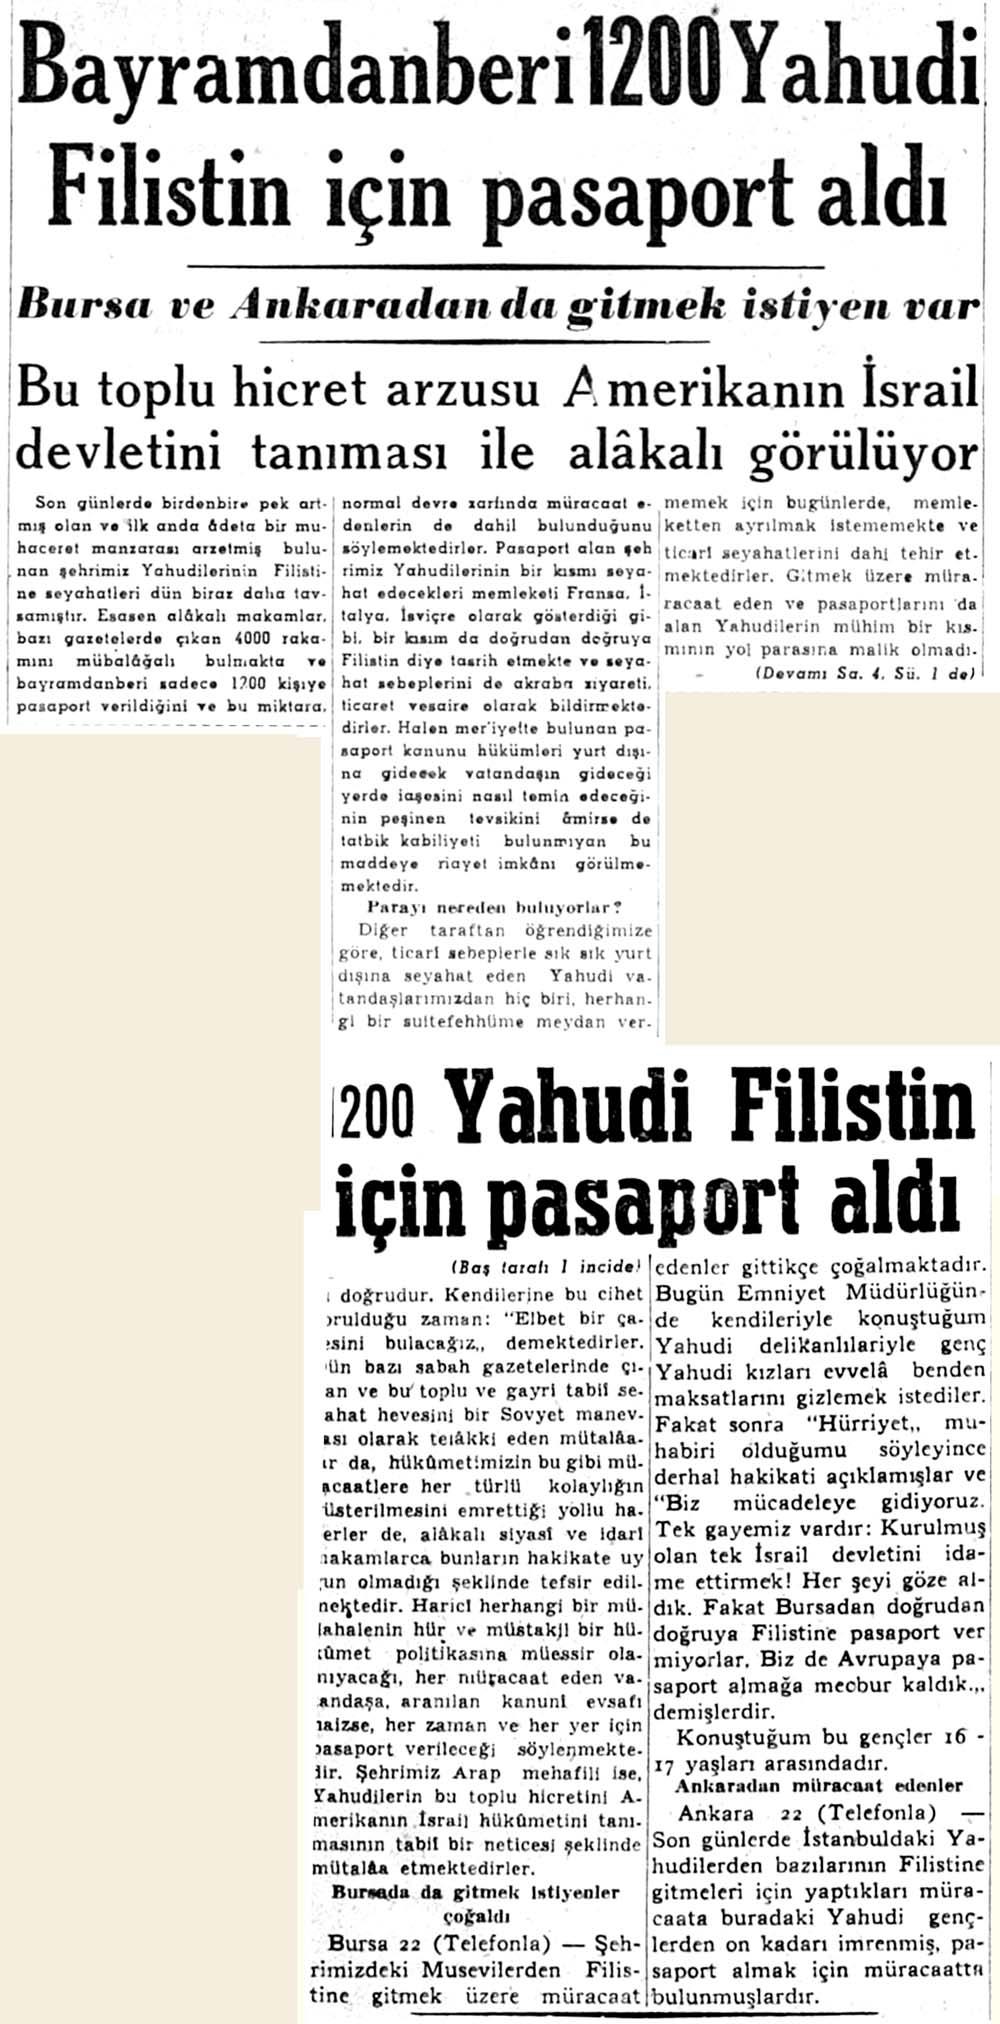 Bayramdanberi 1200 Yahudi Filistin için pasaport aldı